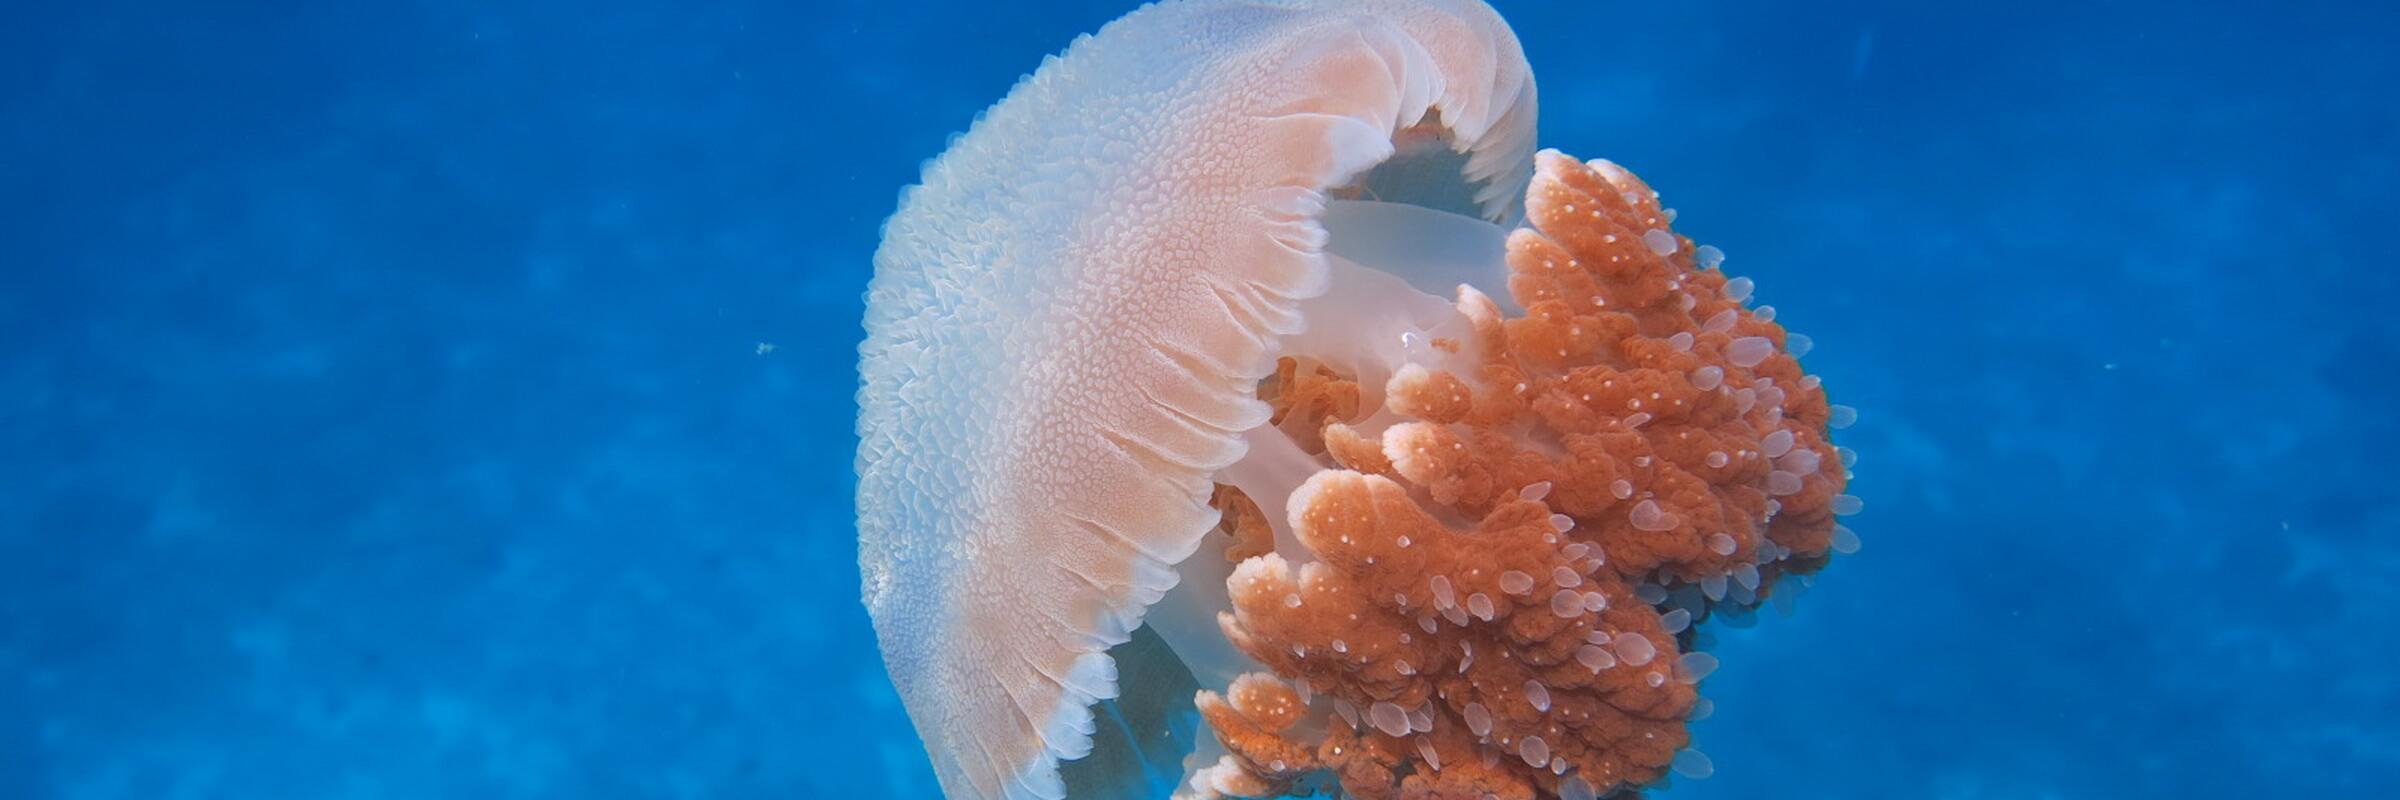 Quallen sind Bestandteil der Fauna in der Andamanen See.